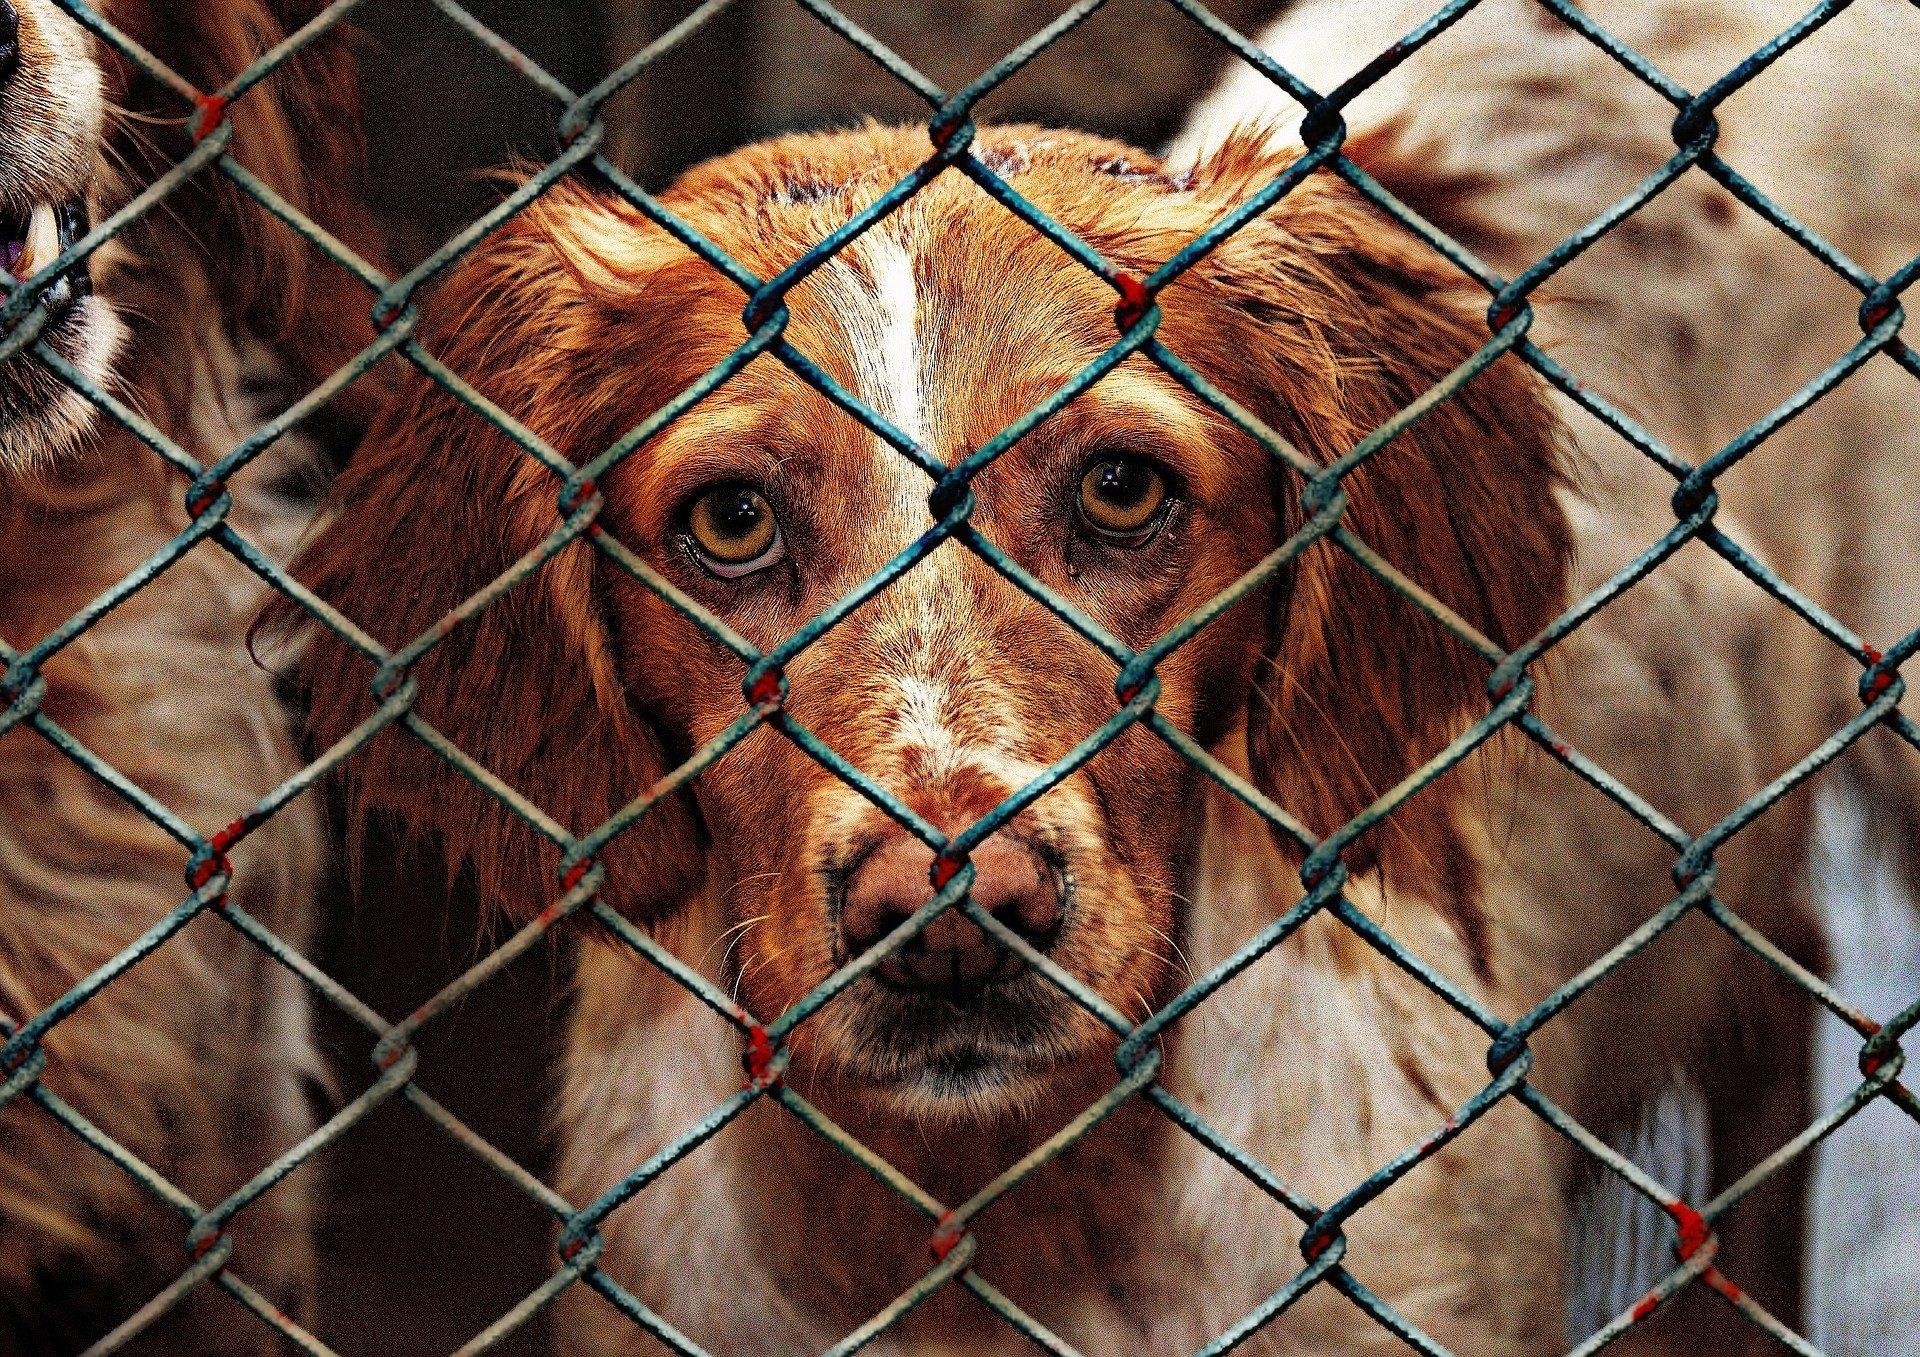 Der Hund aus dem Tierschutz aus dem Ausland